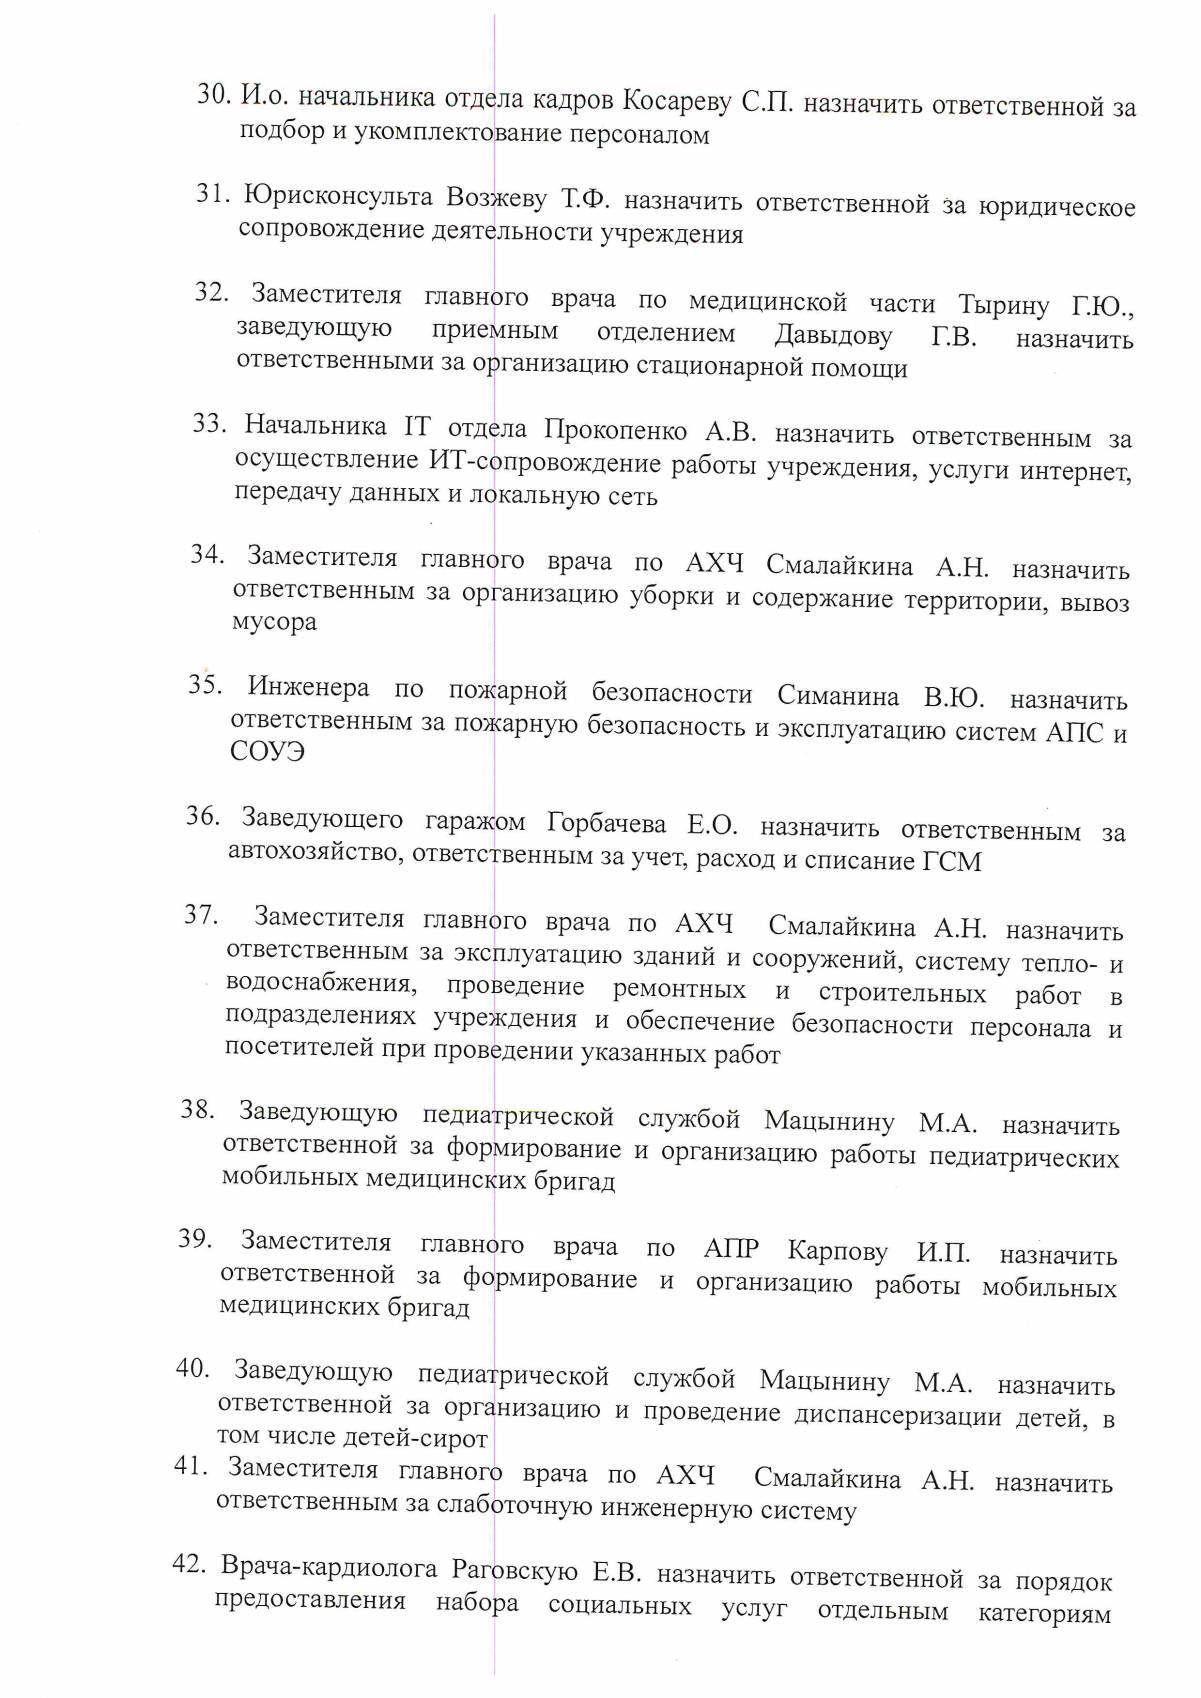 Маснев дирекция по эксплуатации служебных зданий хмао